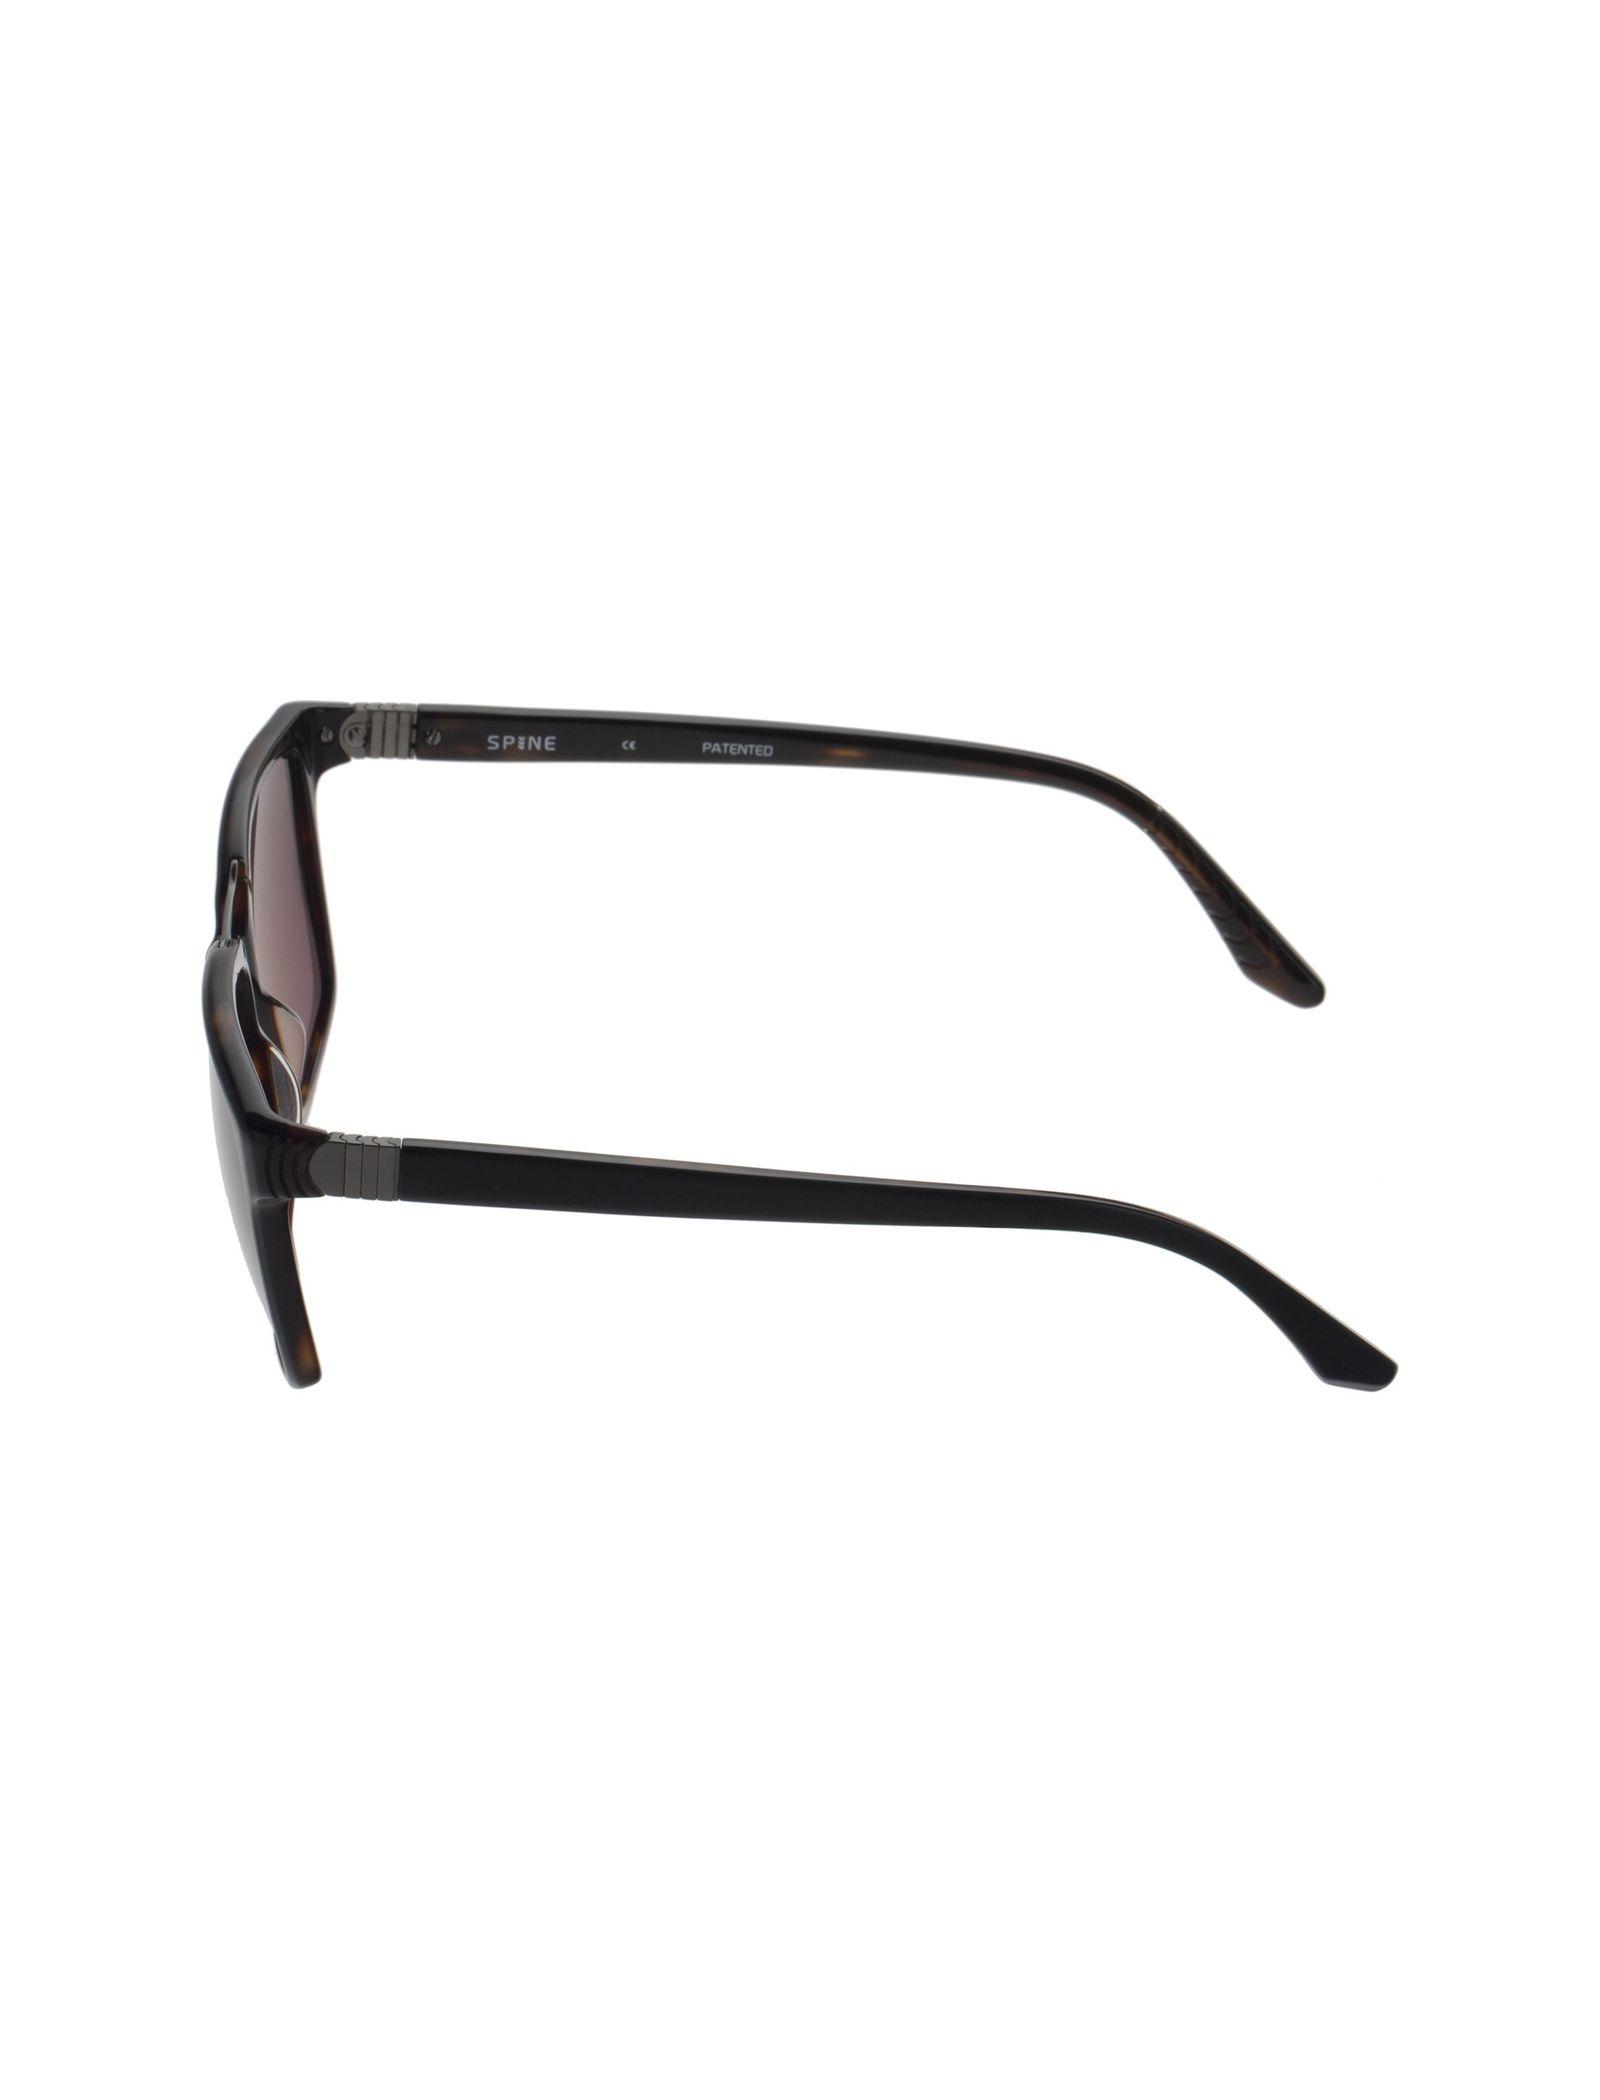 عینک آفتابی ویفرر مردانه - اسپاین - مشکي و قهوه اي - 3